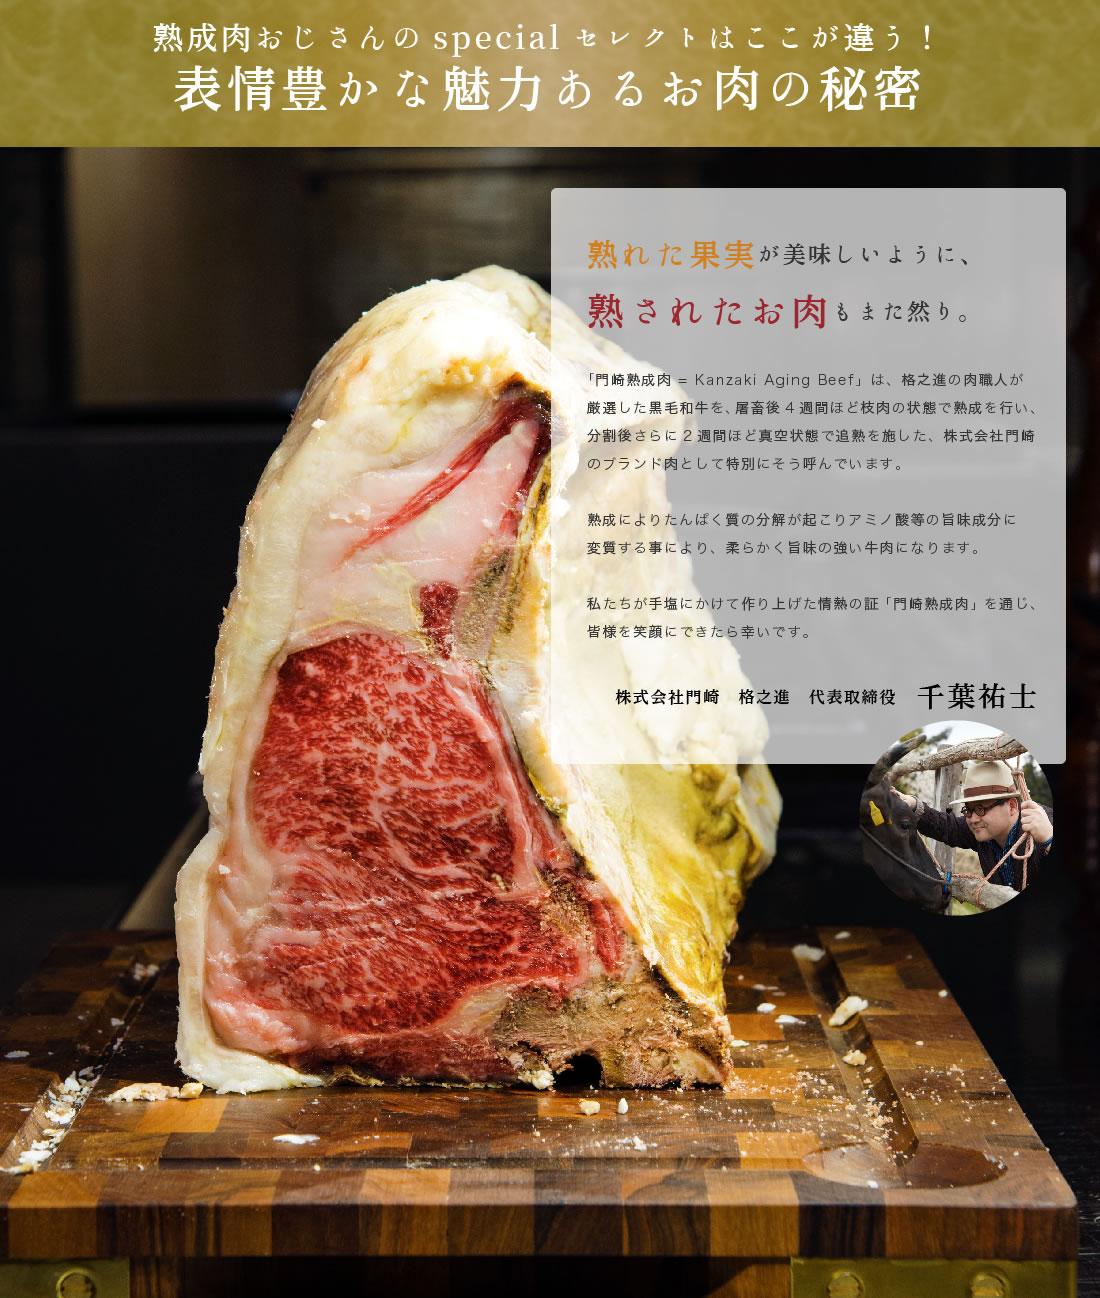 「門崎熟成肉 = Kanzaki Aging Beef」は、格之進の肉職人が厳選した黒毛和牛を、屠畜後4週間ほど枝肉の状態で熟成を行い、分割後さらに2週間ほど真空状態で追熟を施した、株式会社門崎のブランド肉として特別にそう呼んでいます。熟成によりたんぱく質の分解が起こりアミノ酸等の旨味成分に変質する事により、柔らかく旨味の強い牛肉になります。私たちが手塩にかけて作り上げた情熱の証「門崎熟成肉」を通じ、皆様を笑顔にできたら幸いです。